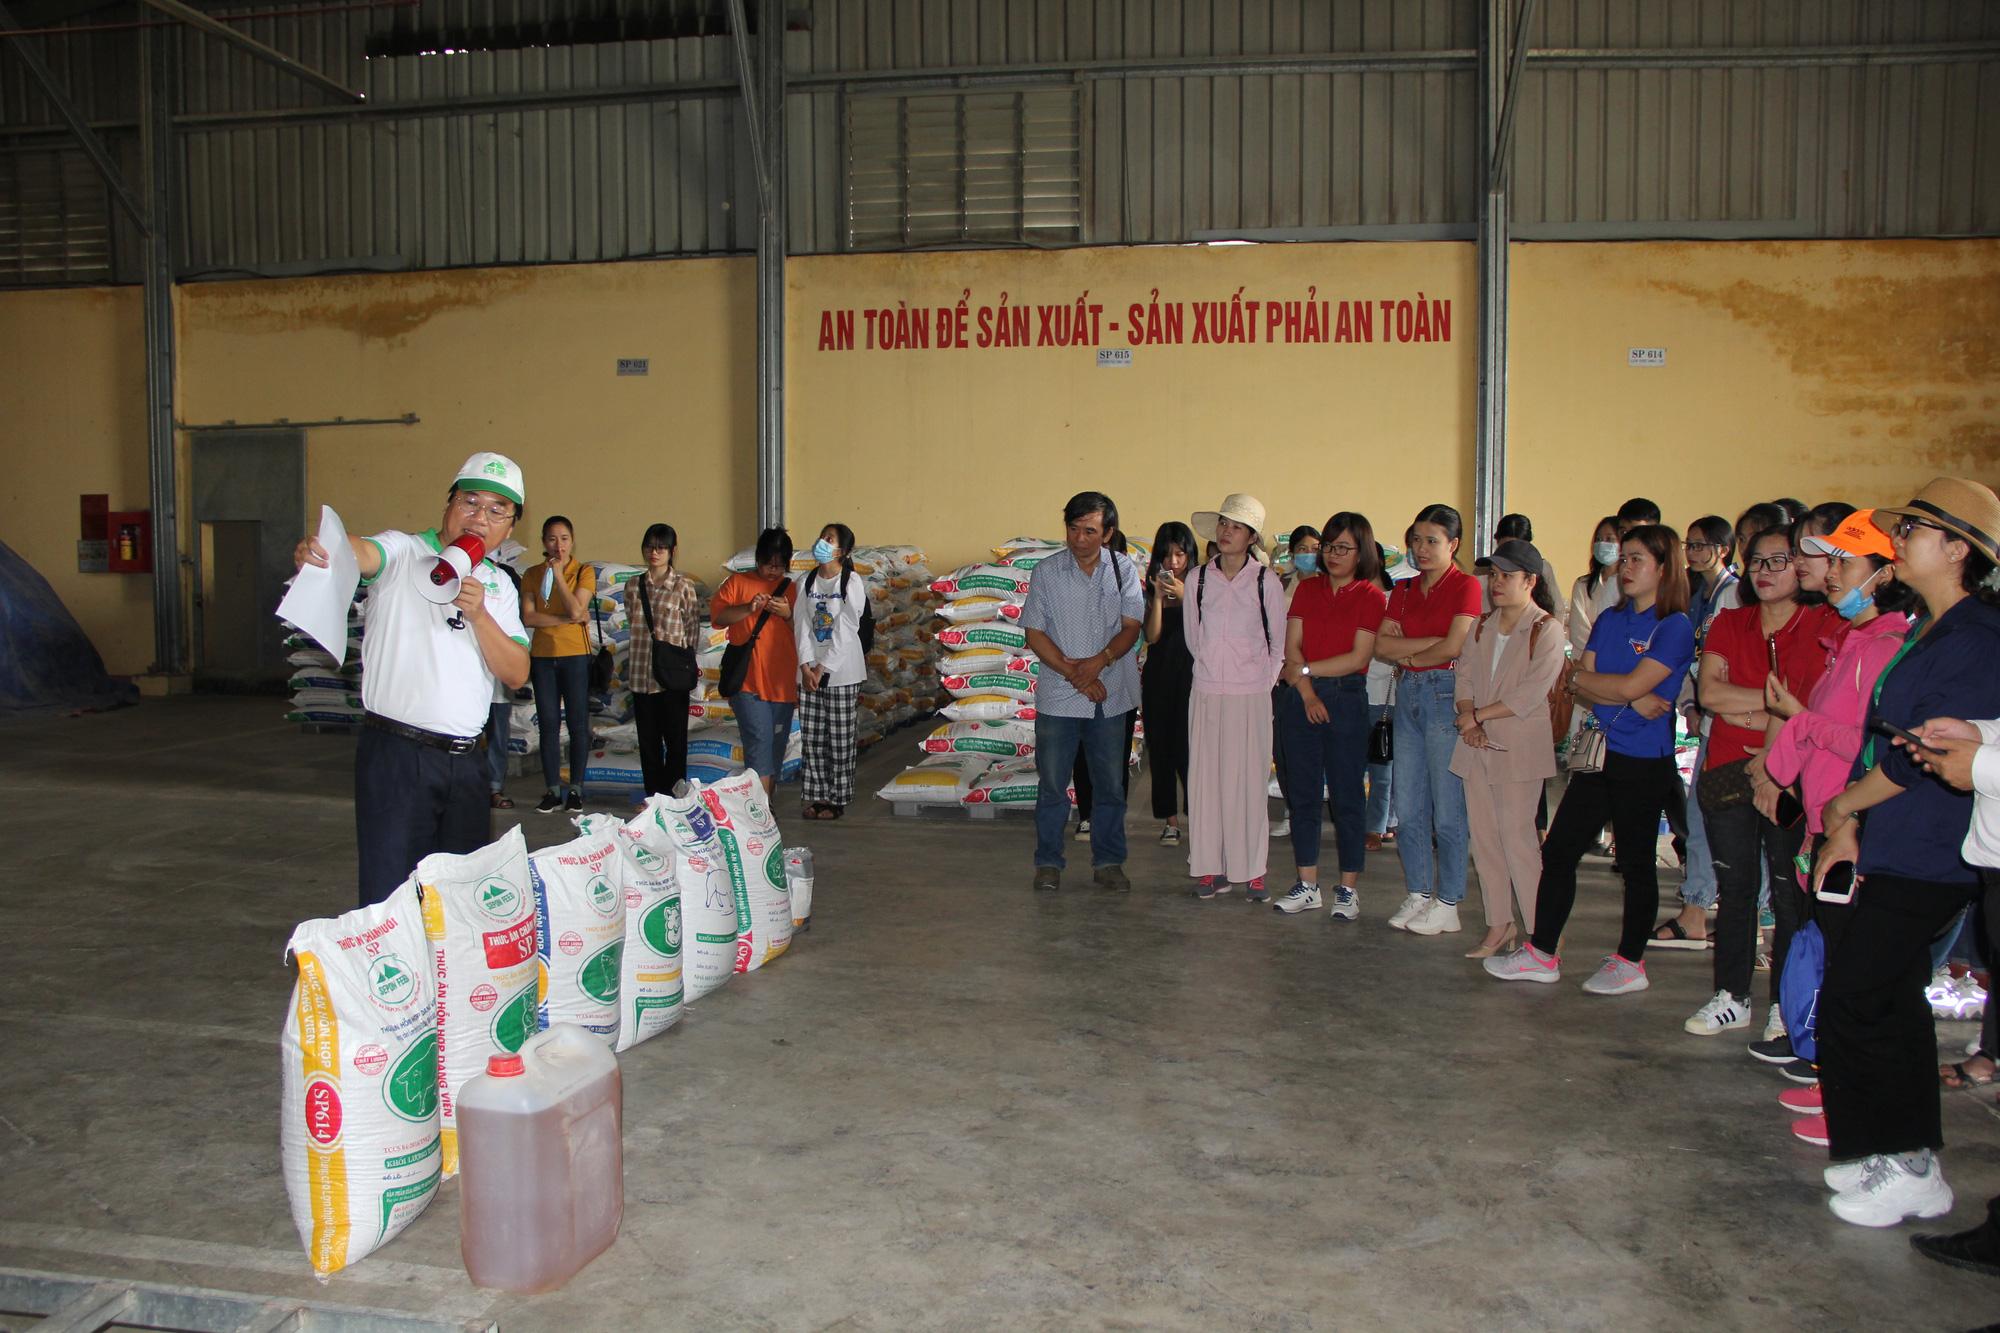 Khám phá tour du lịch học tập chỉ với 250.000 đồng ở Quảng Trị - Ảnh 1.